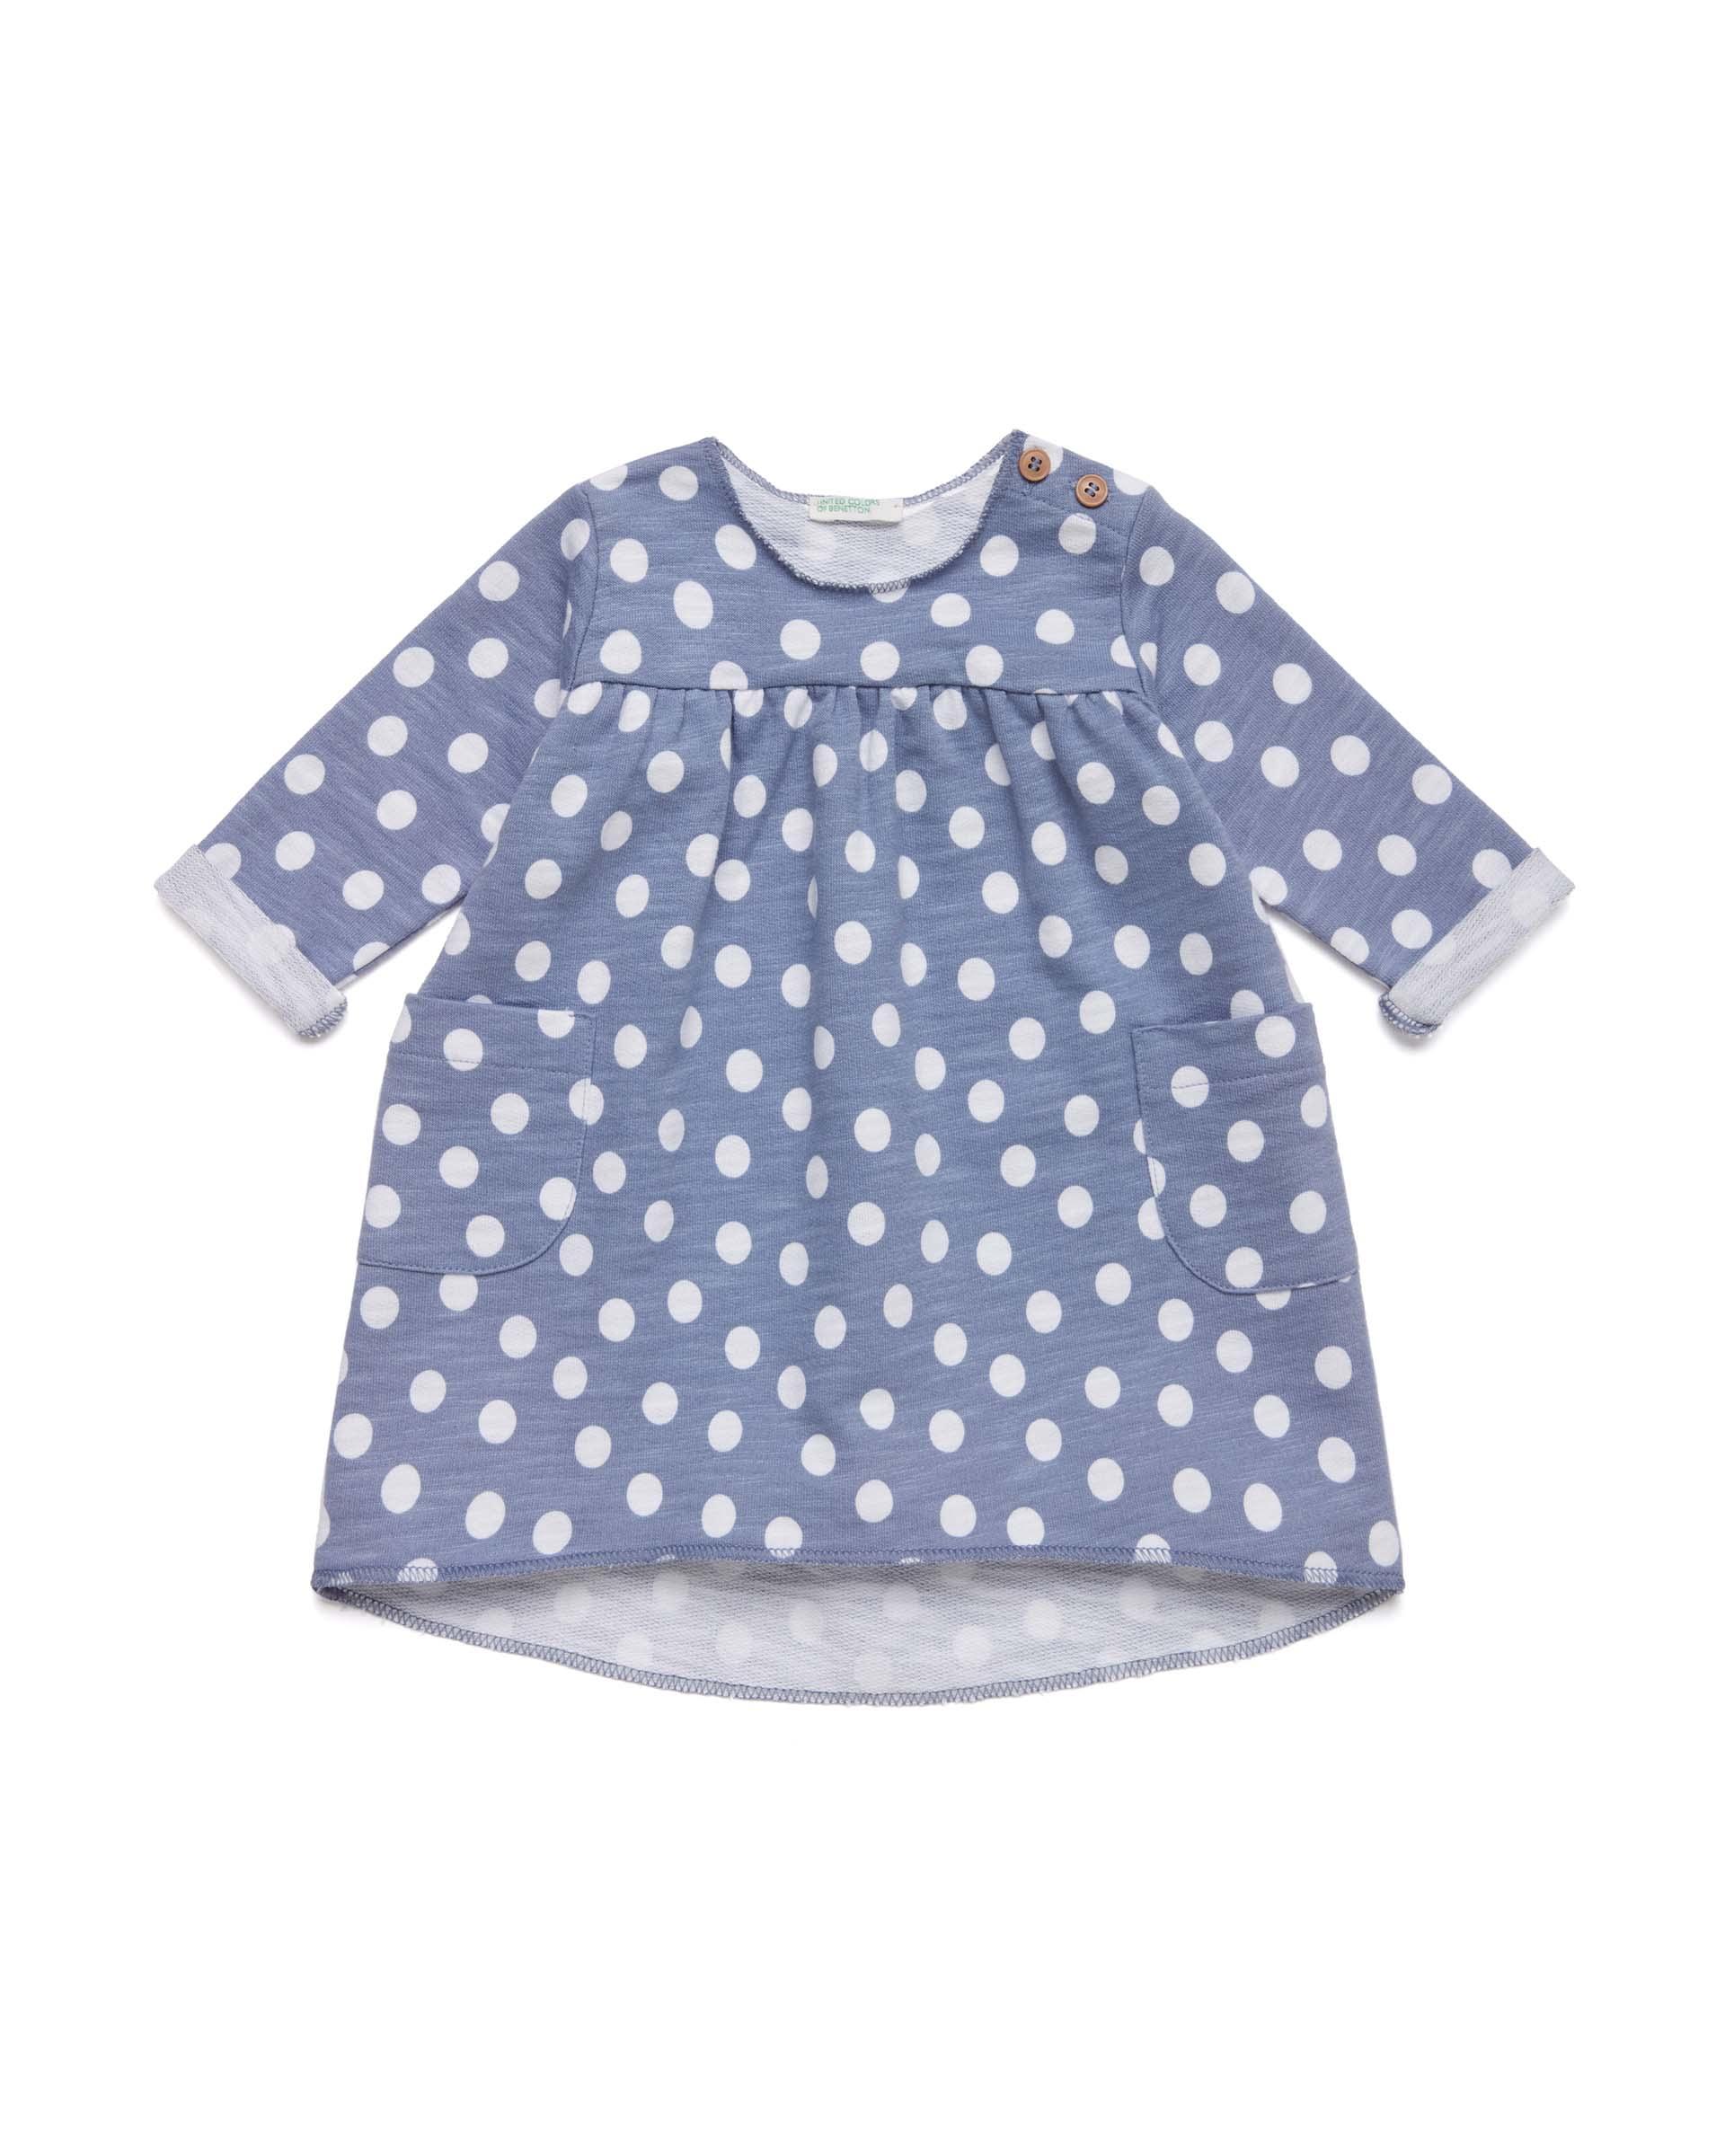 Купить 20P_3OM6MV062_61P, Платье для девочек Benetton 3OM6MV062_61P р-р 82, United Colors of Benetton, Платья для новорожденных